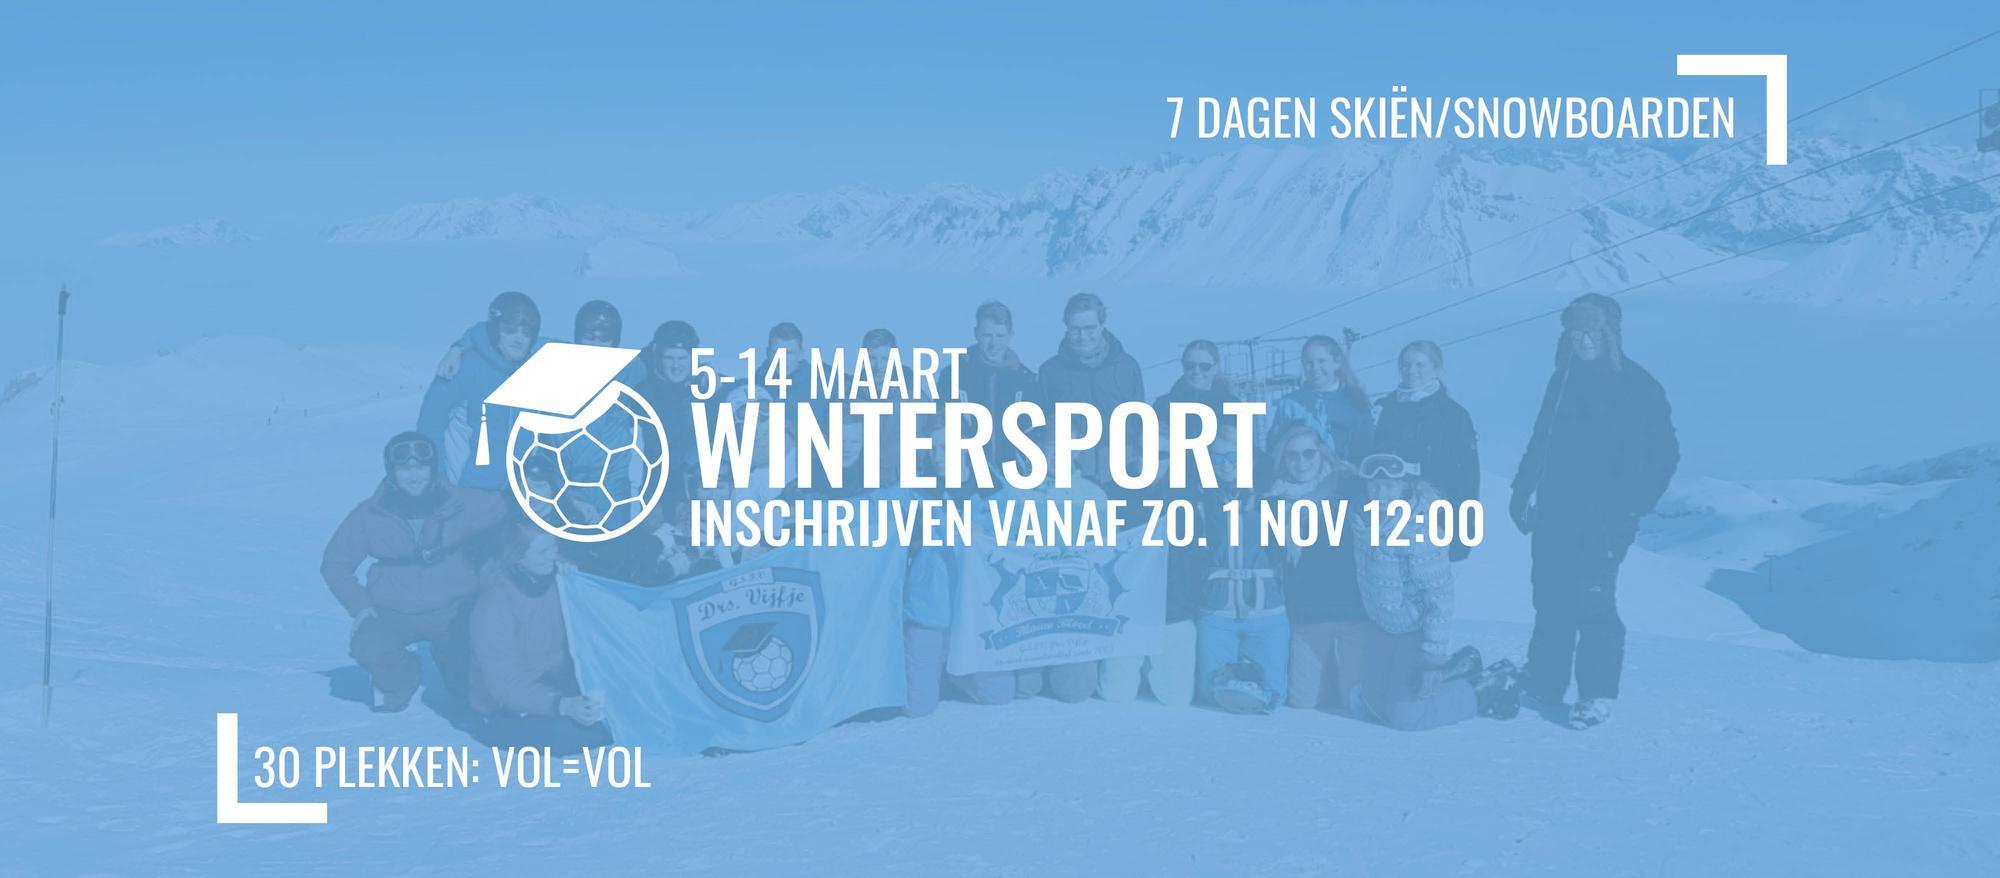 GEANNULEERD Wintersport 2020-2021